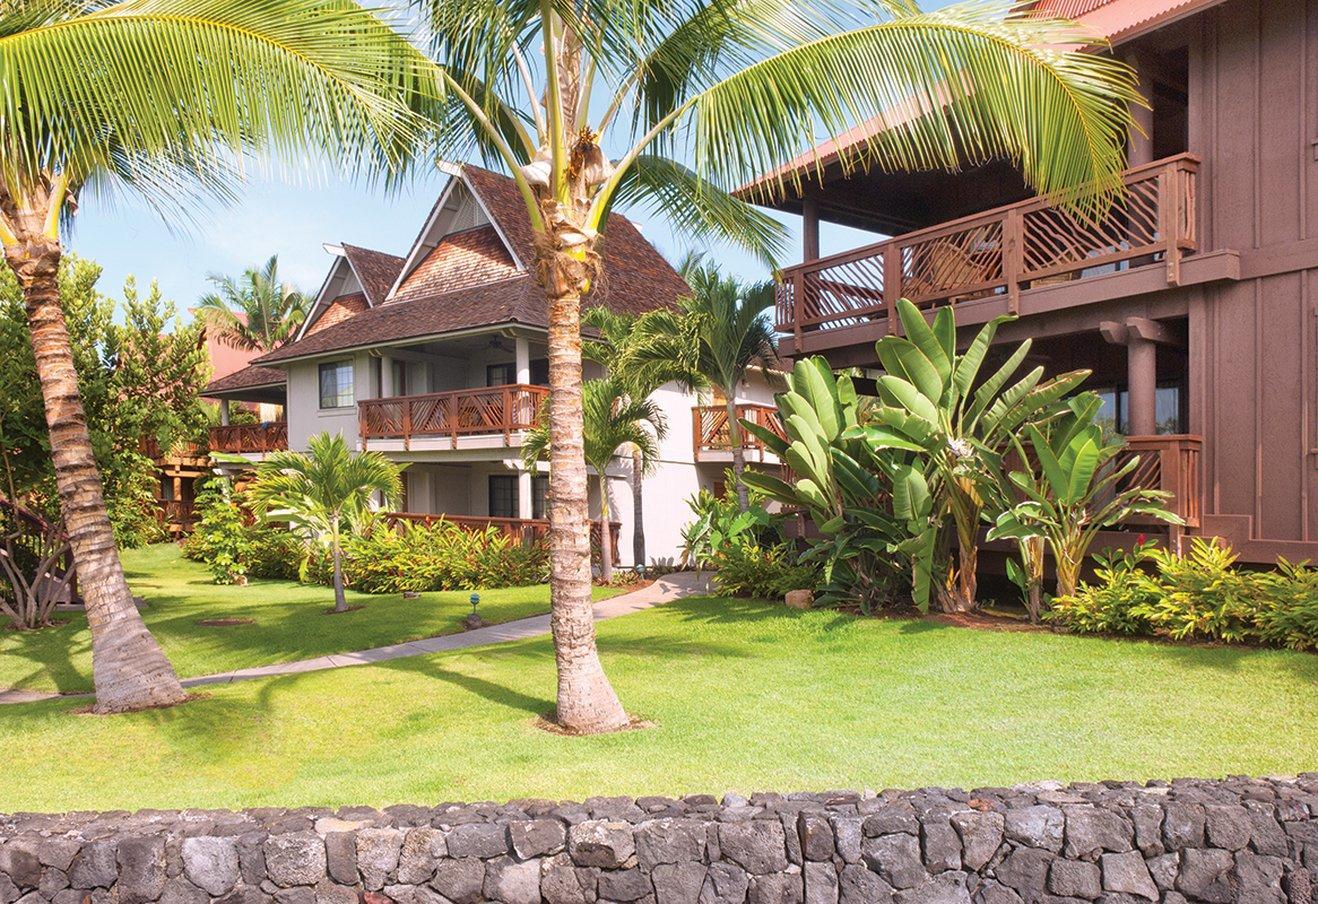 Wyndham Kona Hawaiian Resort image 0